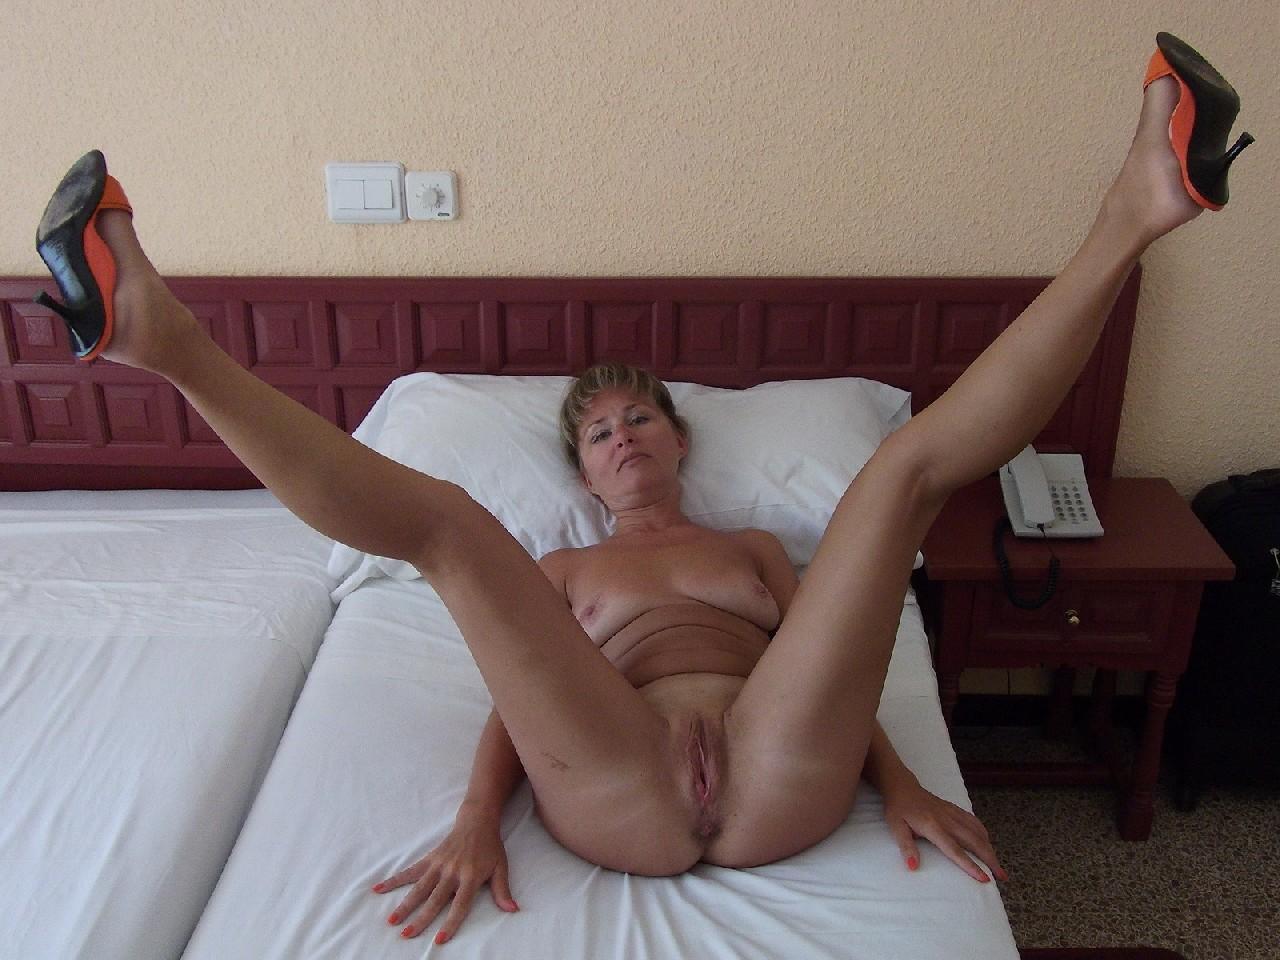 Онлайн гола зріла фото порно онлайн бригитта